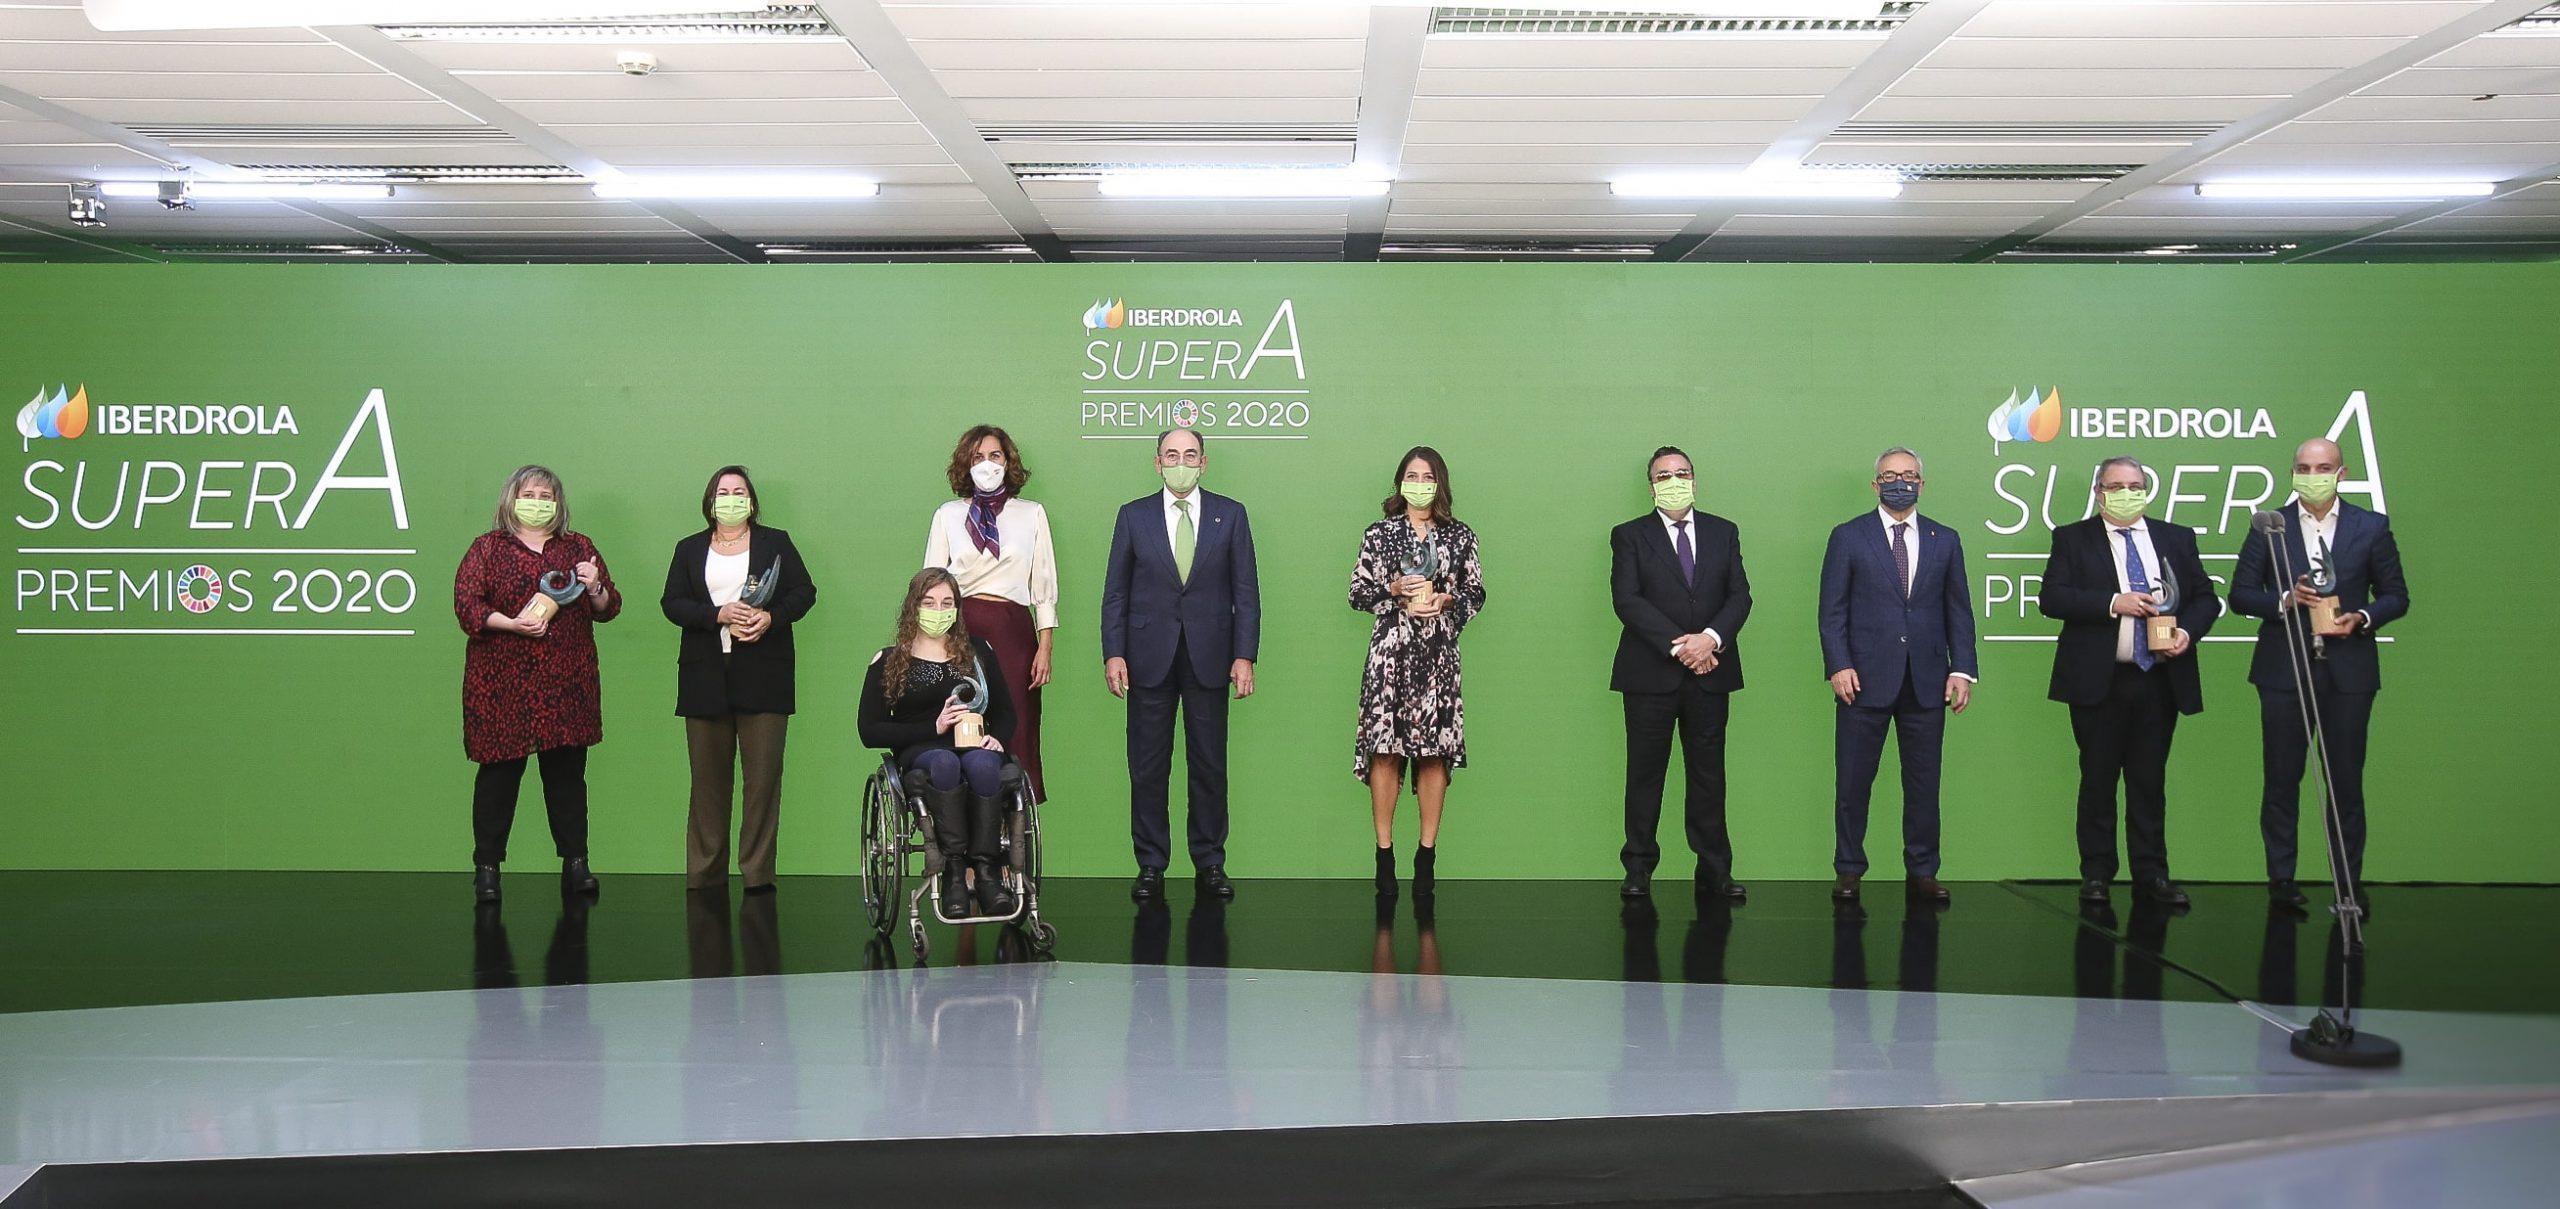 Premios Iberdrola SuperA foto1-min